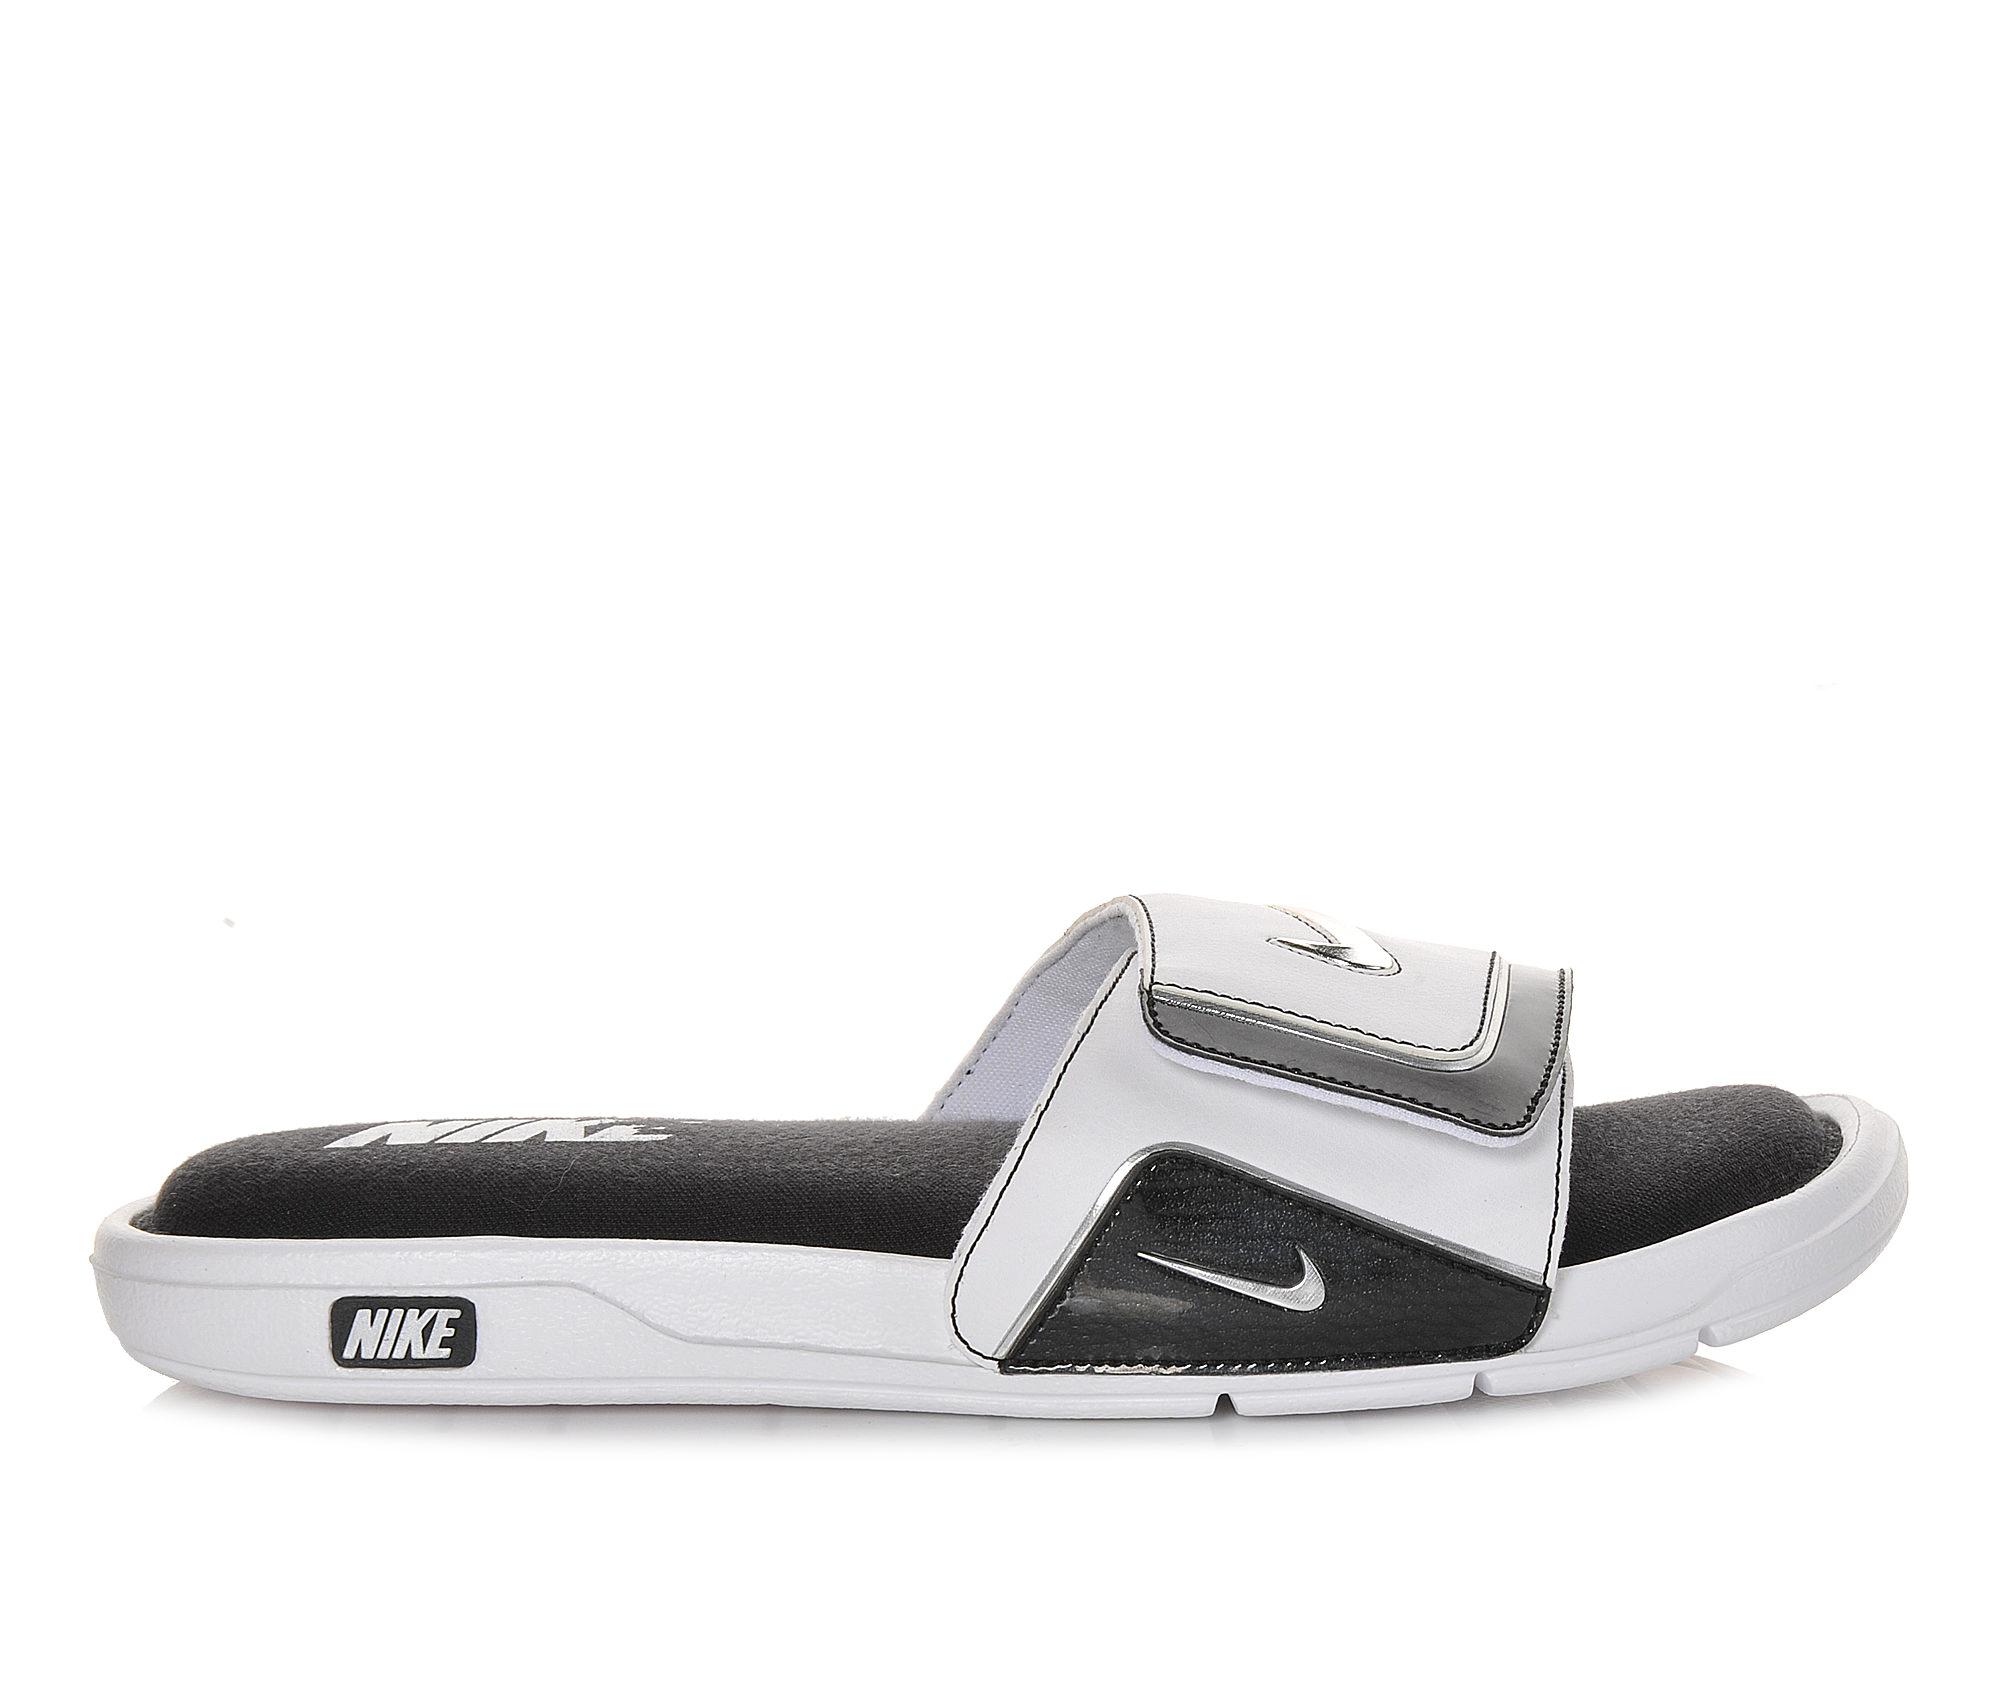 Men's Nike Comfort Slide 2 Soccer Slides (White - Size 6) 1225145